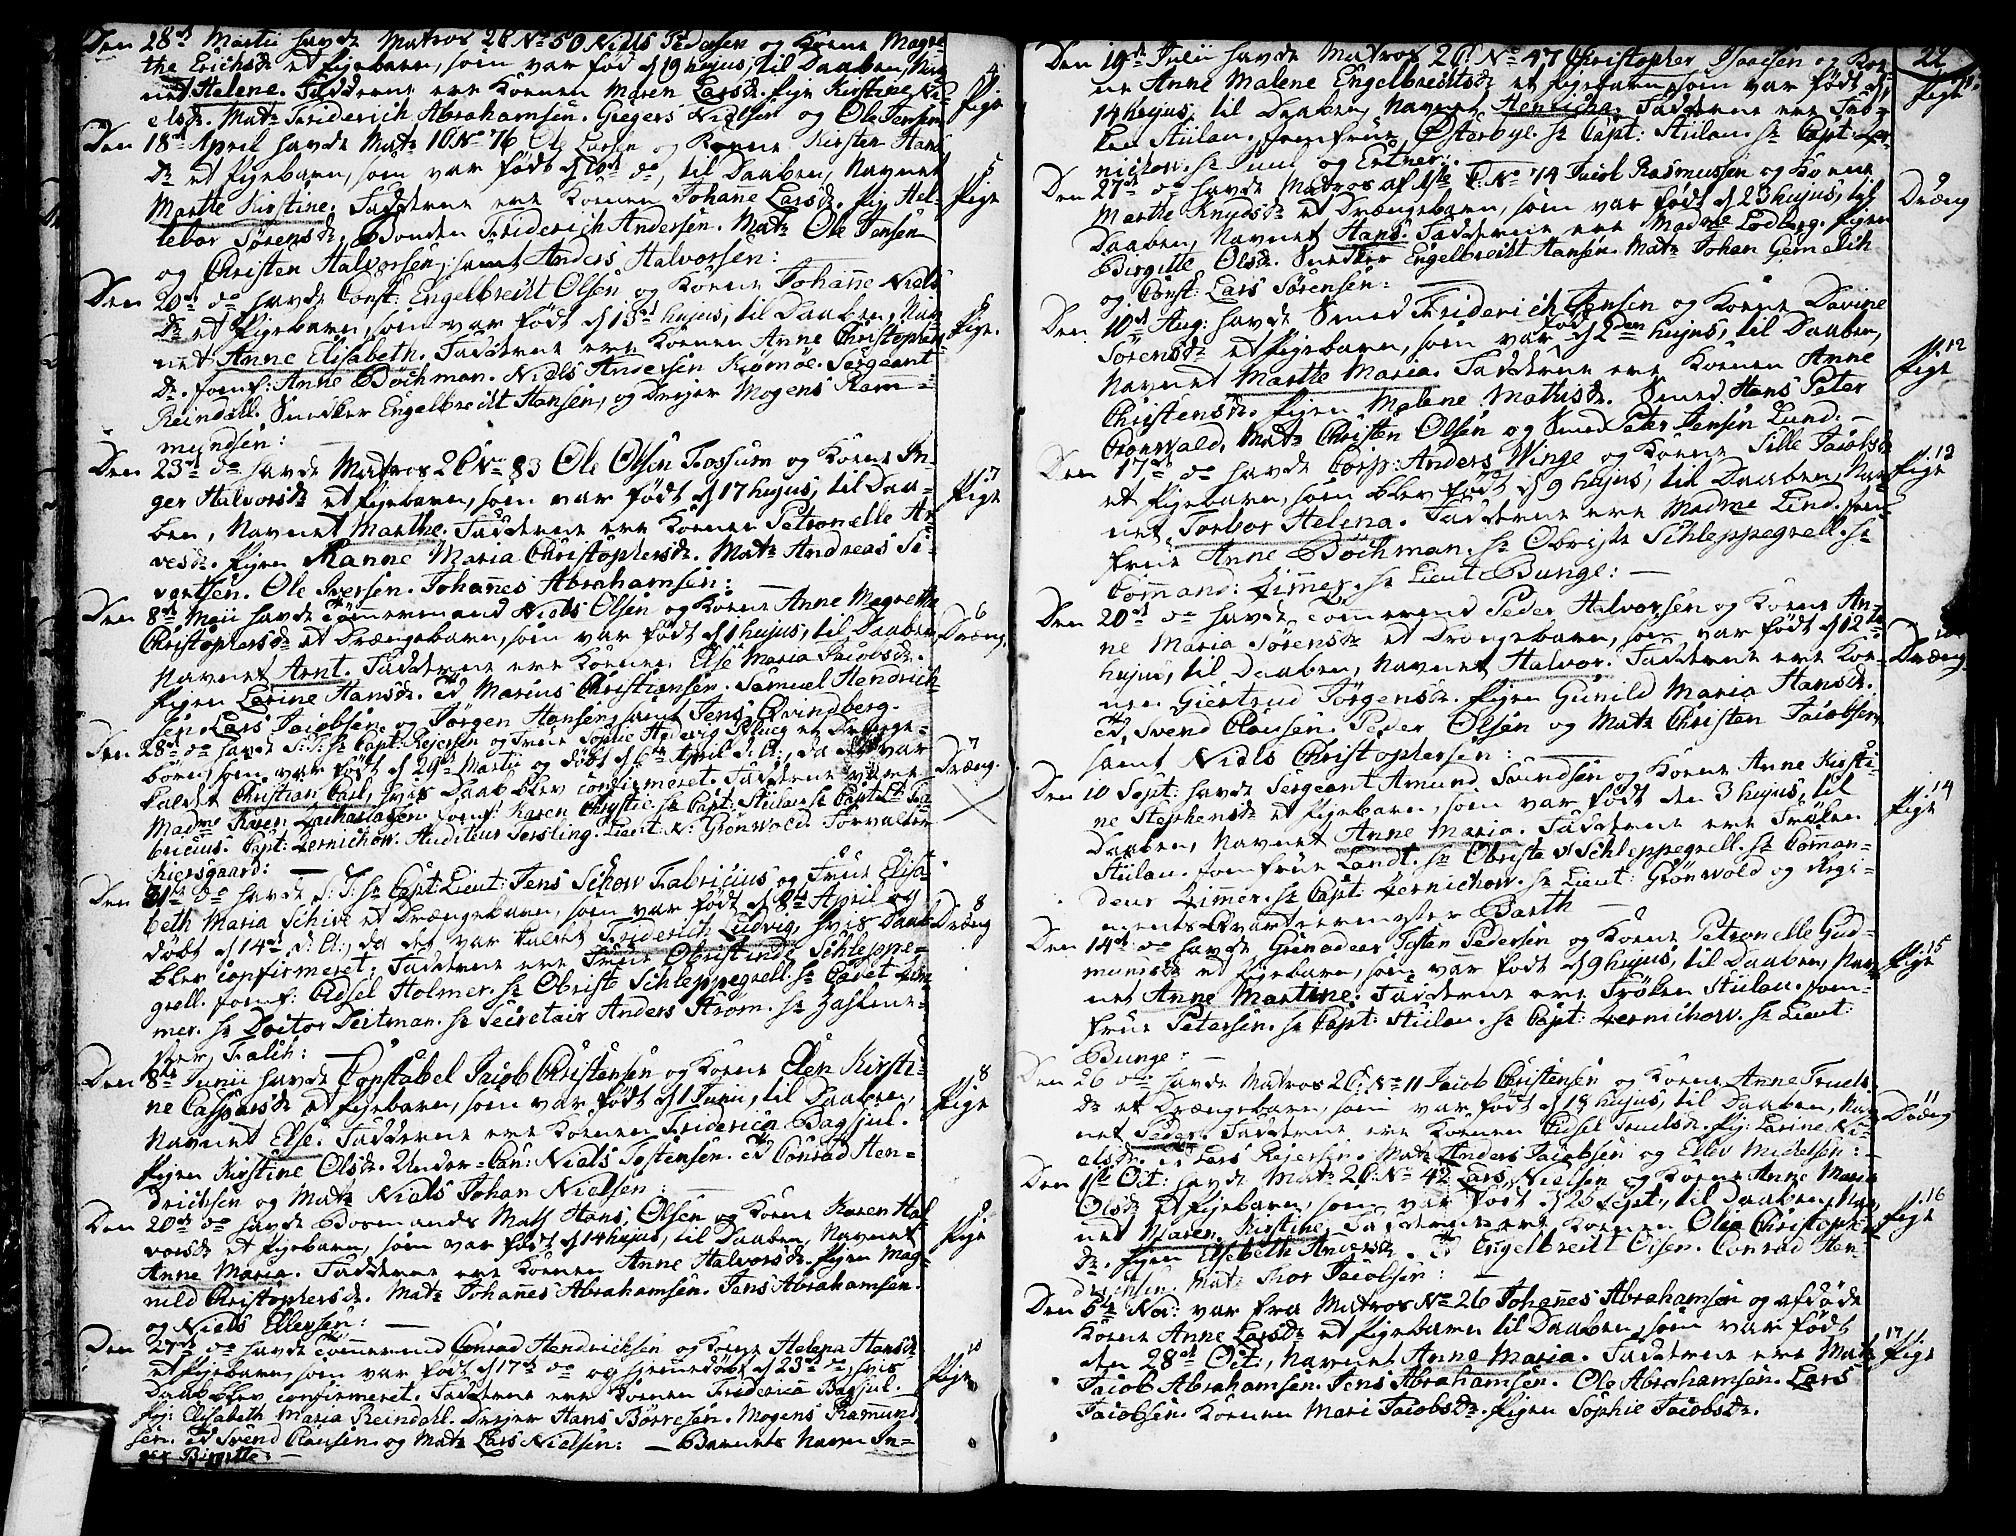 SAKO, Stavern kirkebøker, F/Fa/L0002: Ministerialbok nr. 2, 1783-1809, s. 22